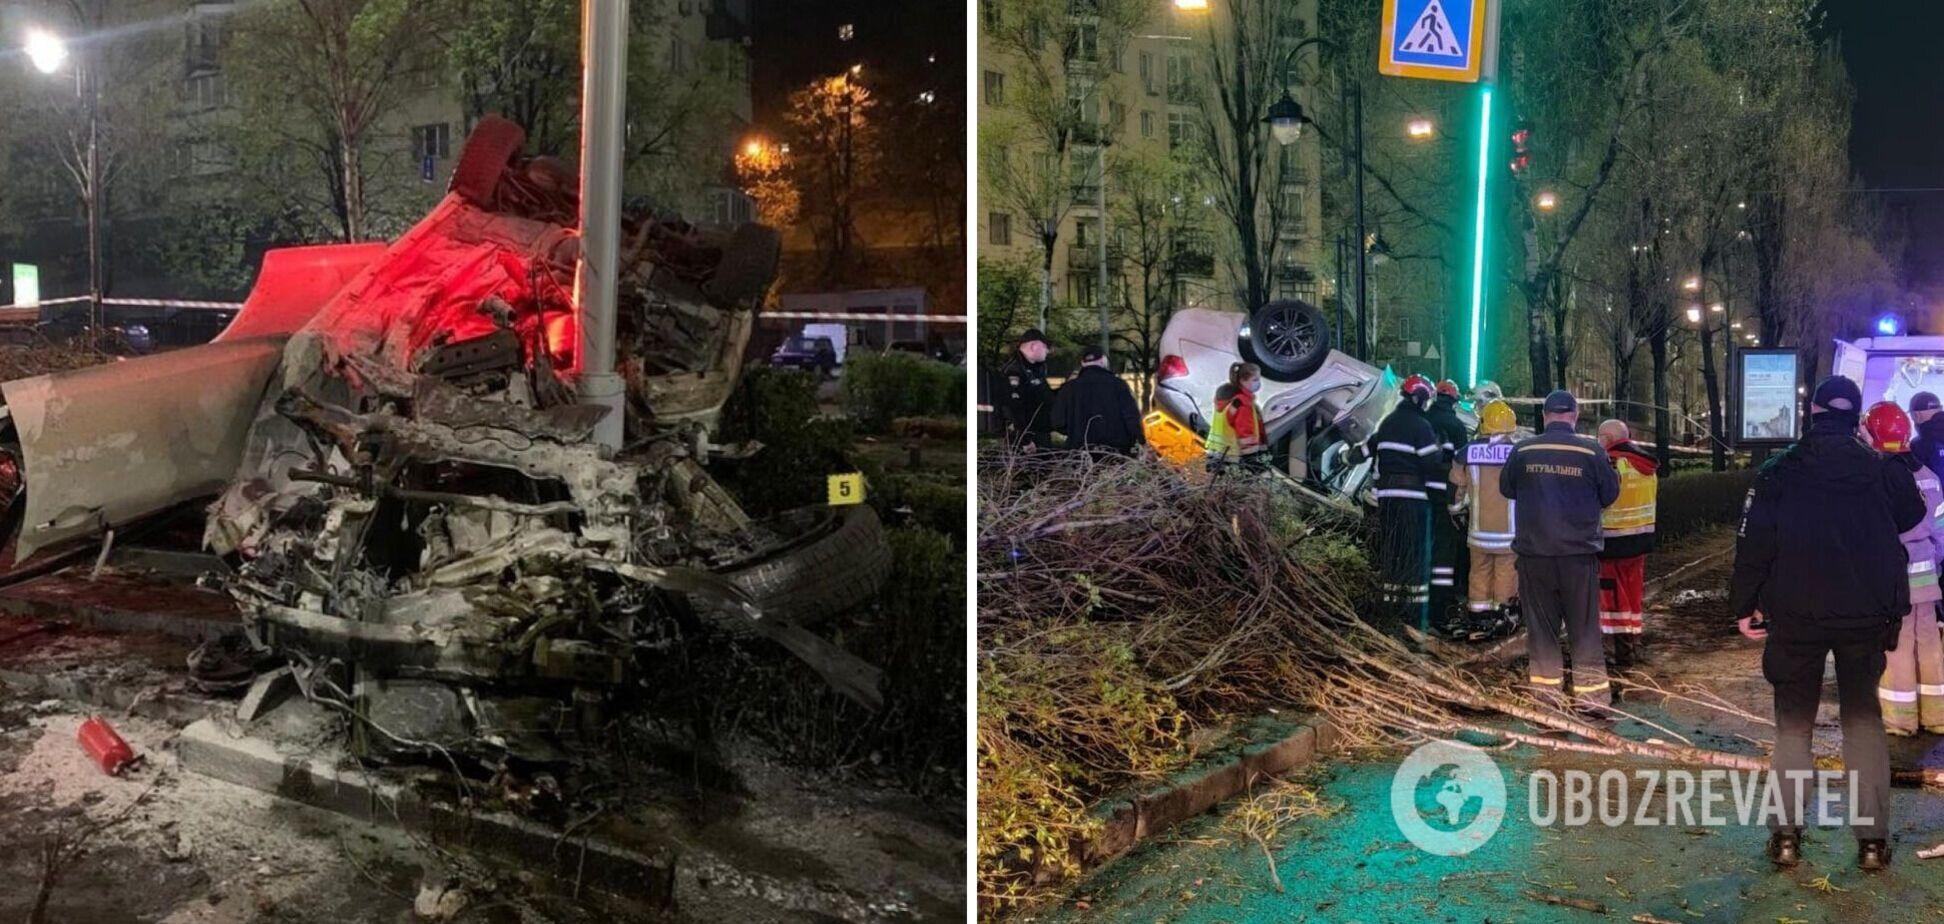 Смертельное ДТП в Киеве: водителя Infiniti уже ловили пьяным ранее, но не наказали. Документ